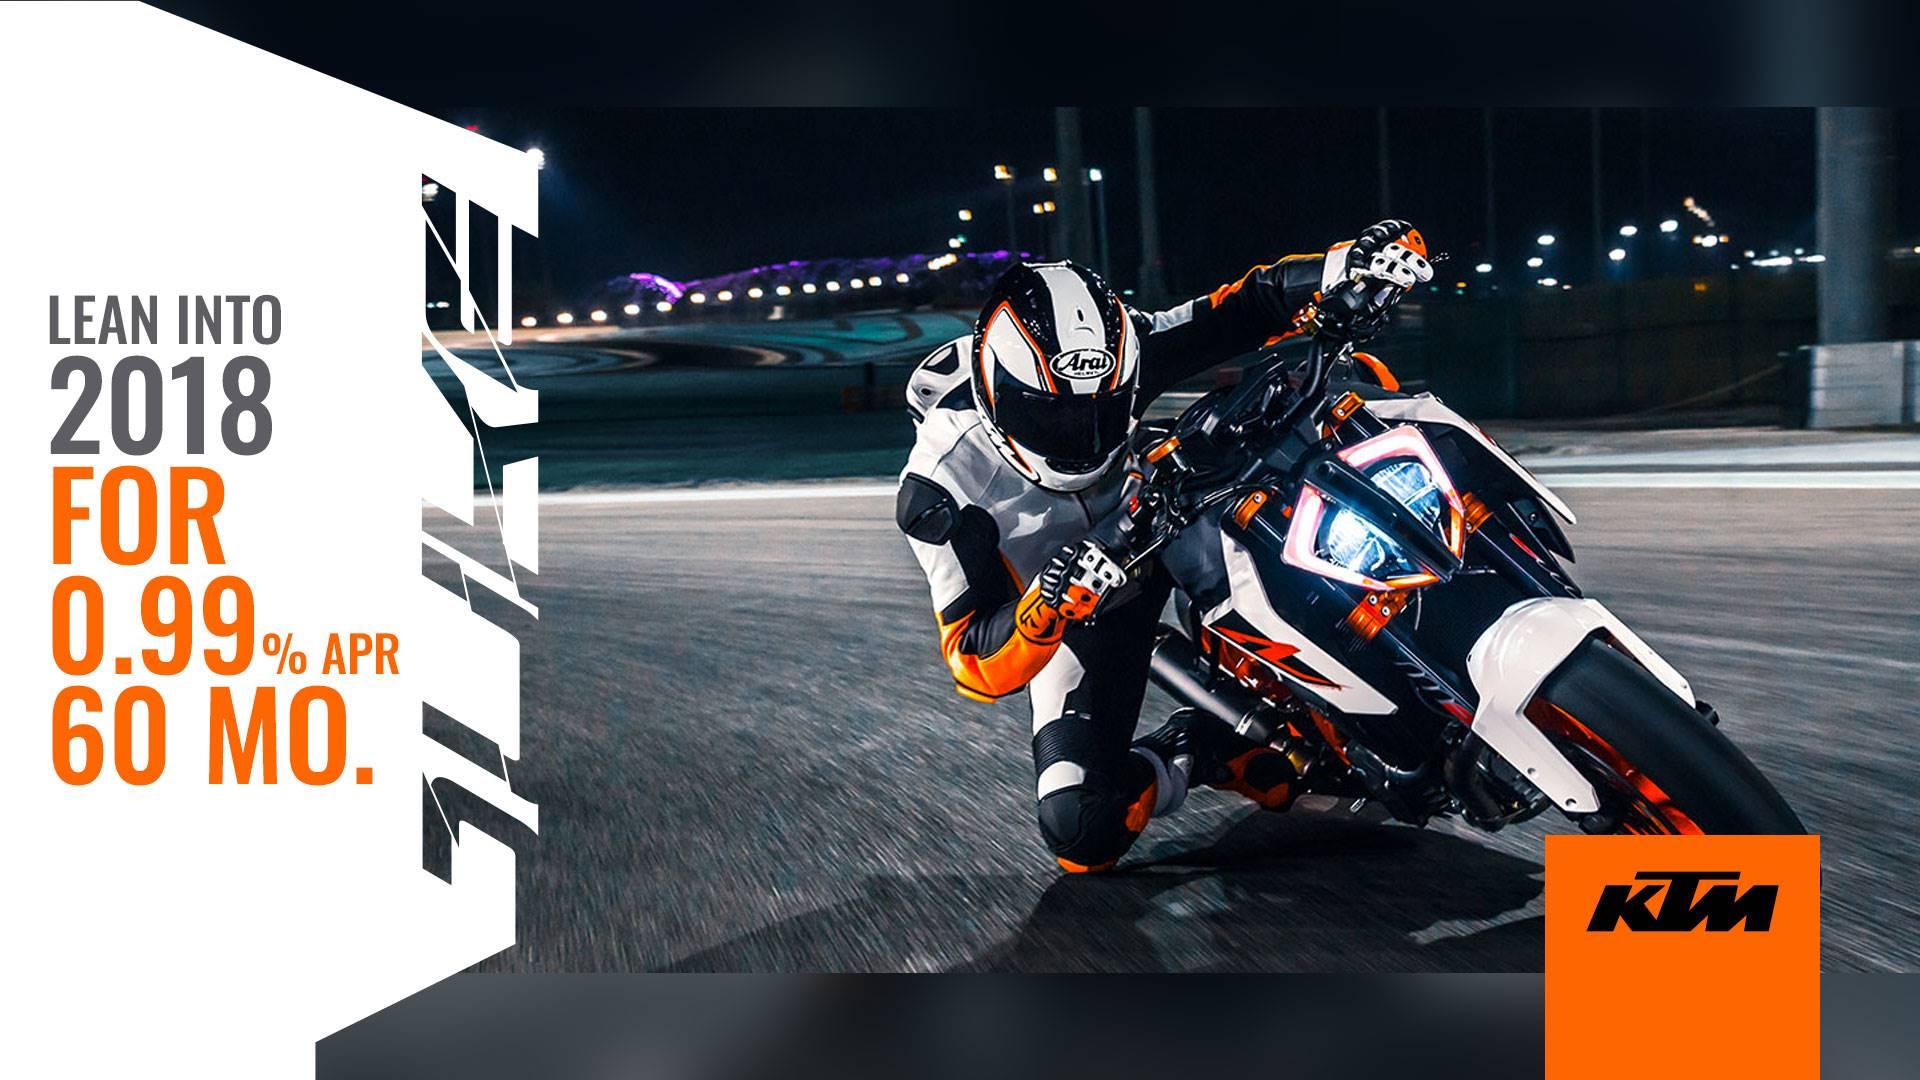 KTM - Lean Into 2018